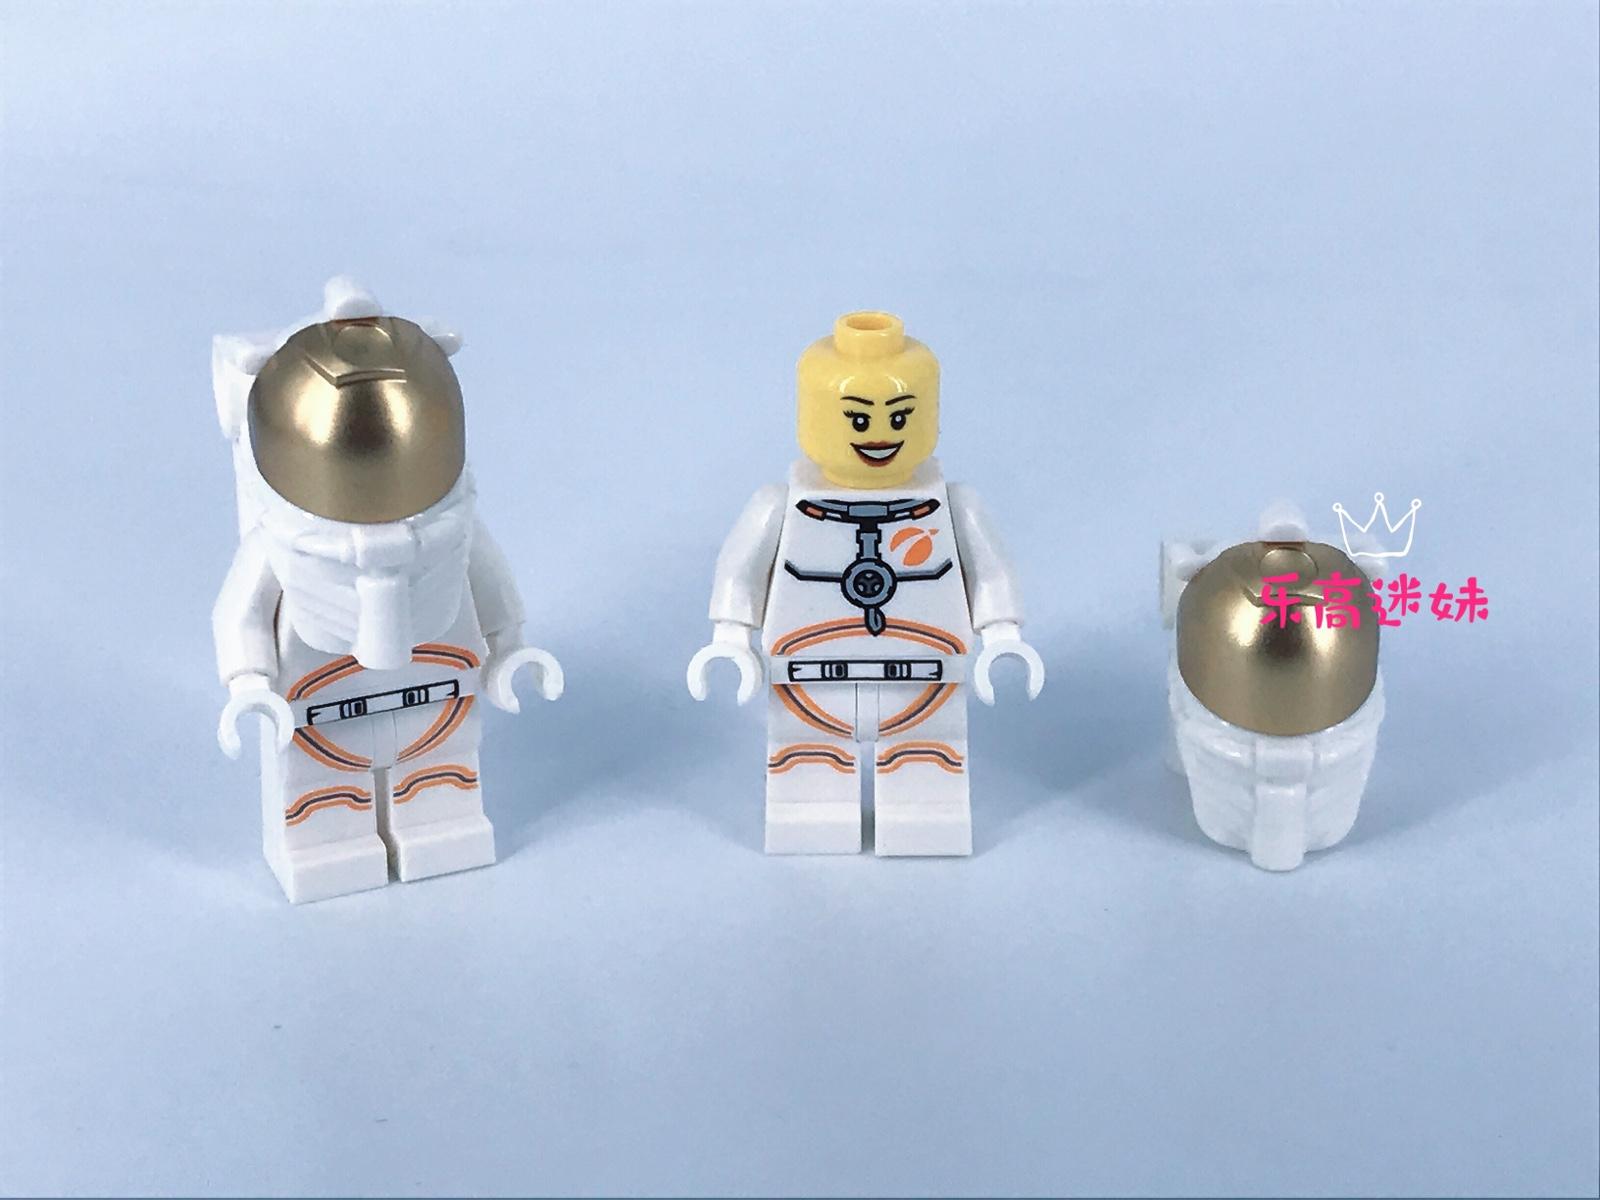 2019款乐高lego城市系列人仔宇航员